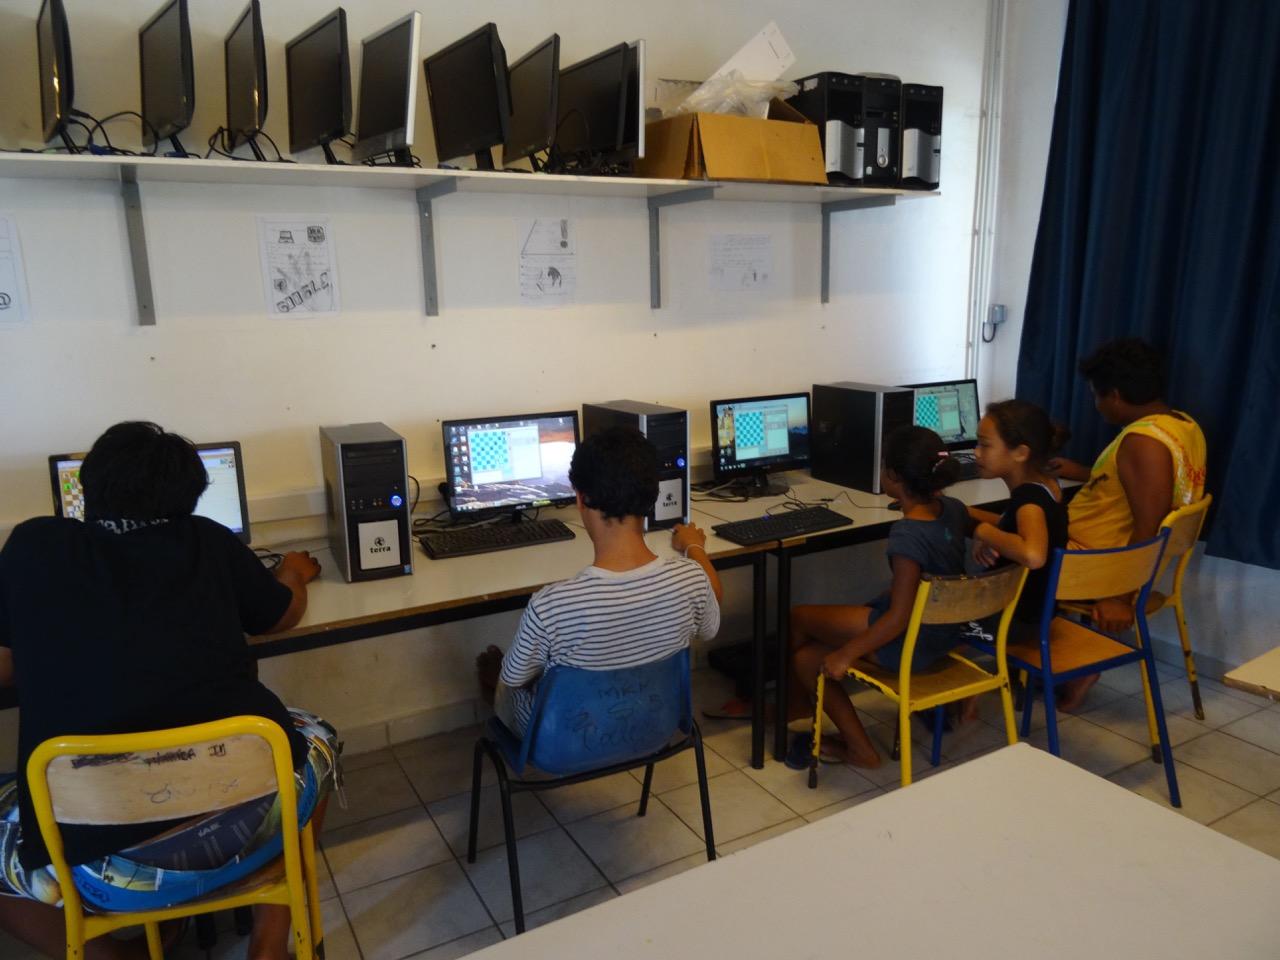 Dans cette salle de cours, des ordinateurs étaient à la disposition des élèves pour des parties d'échecs